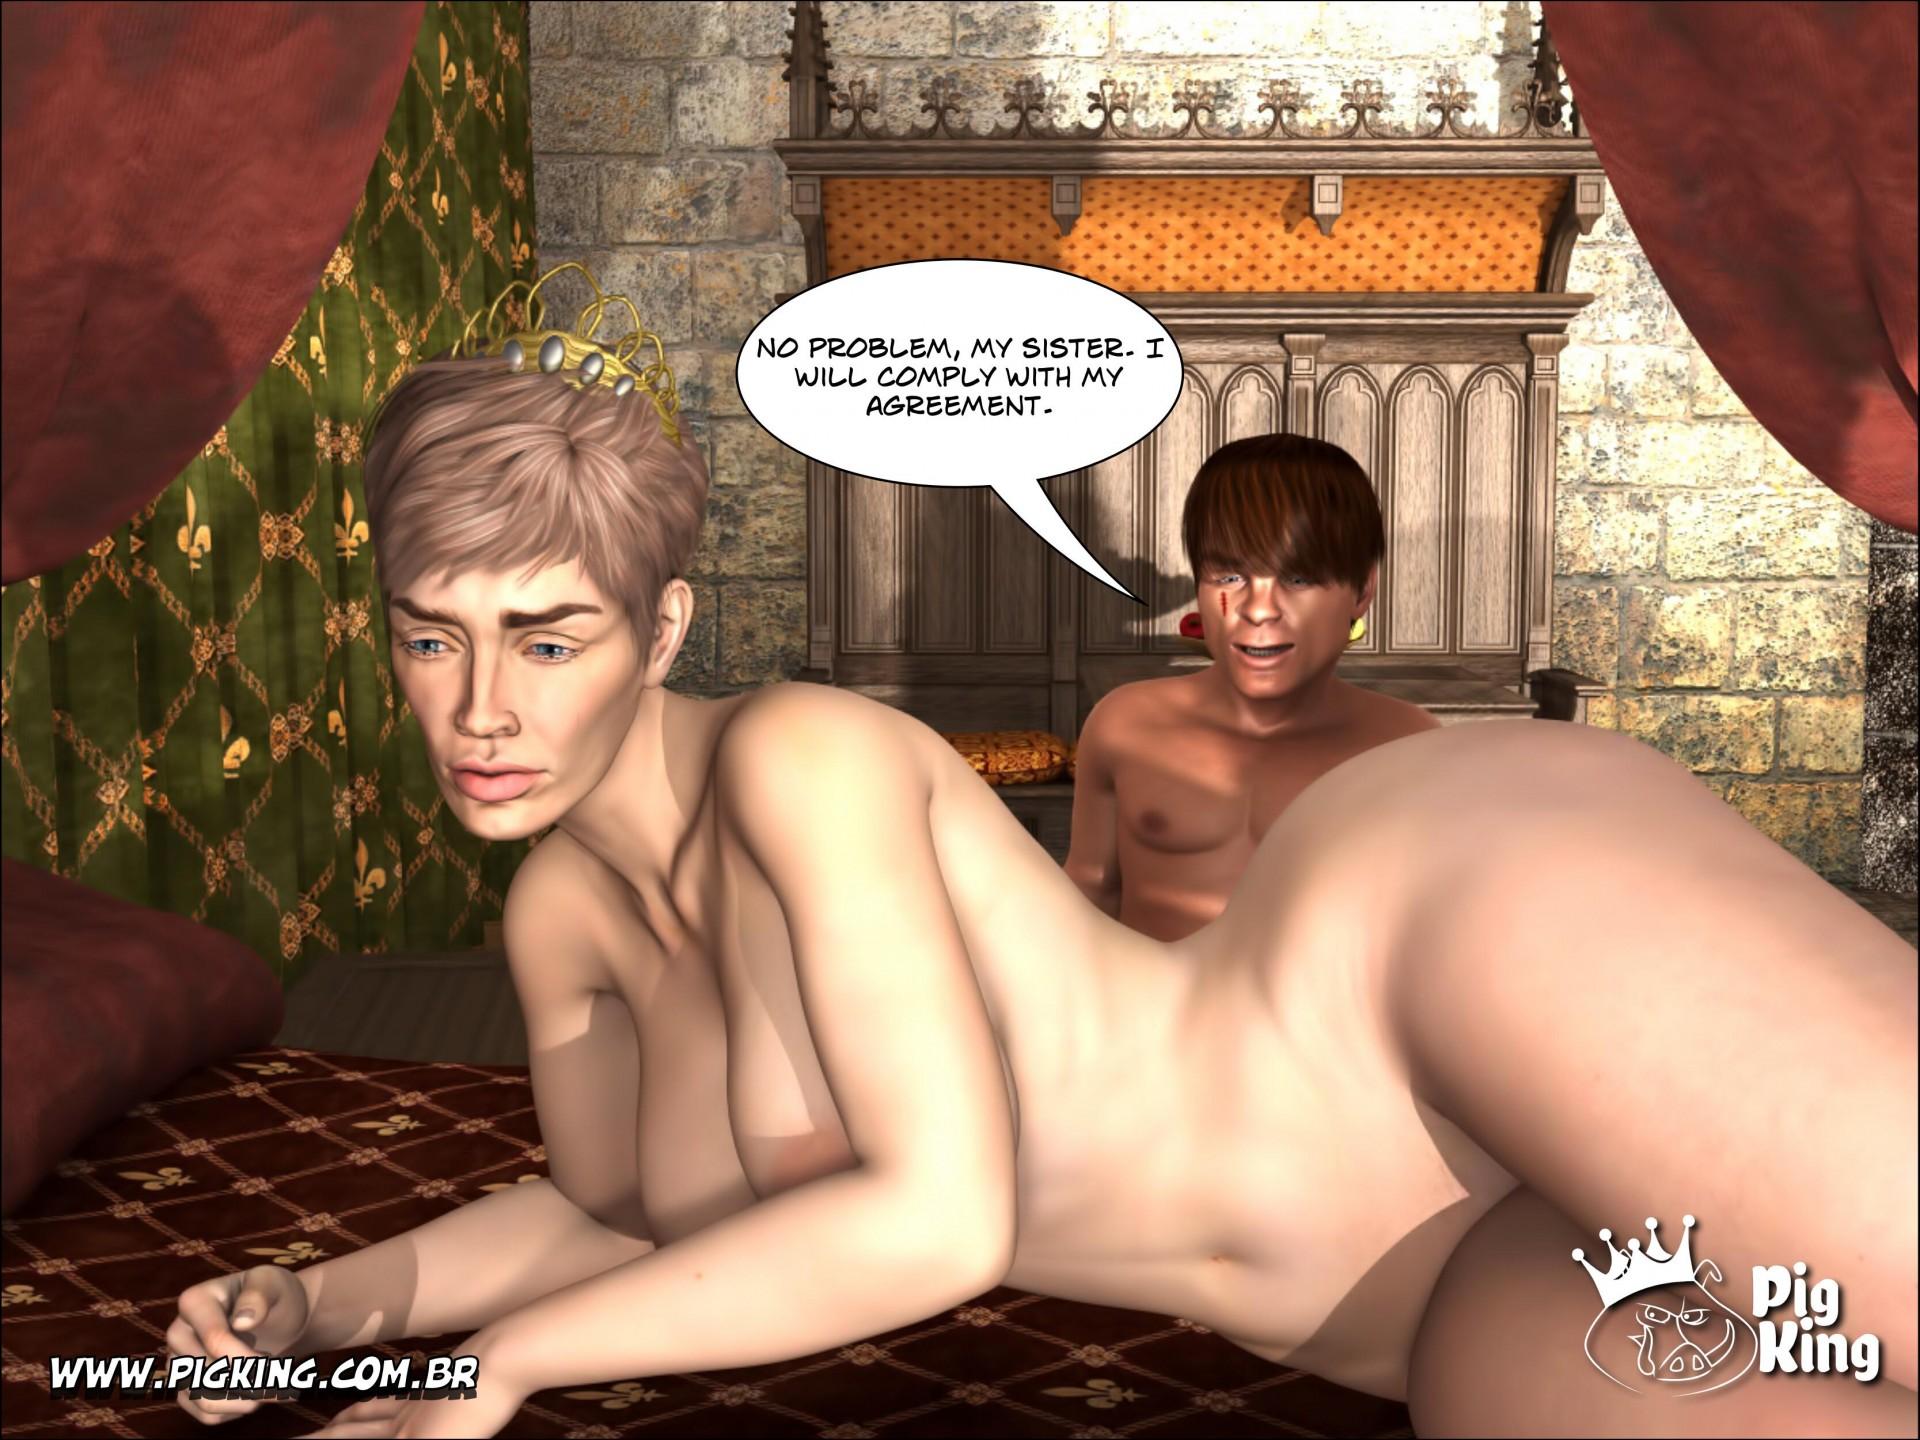 High Quality Cartoon Porn